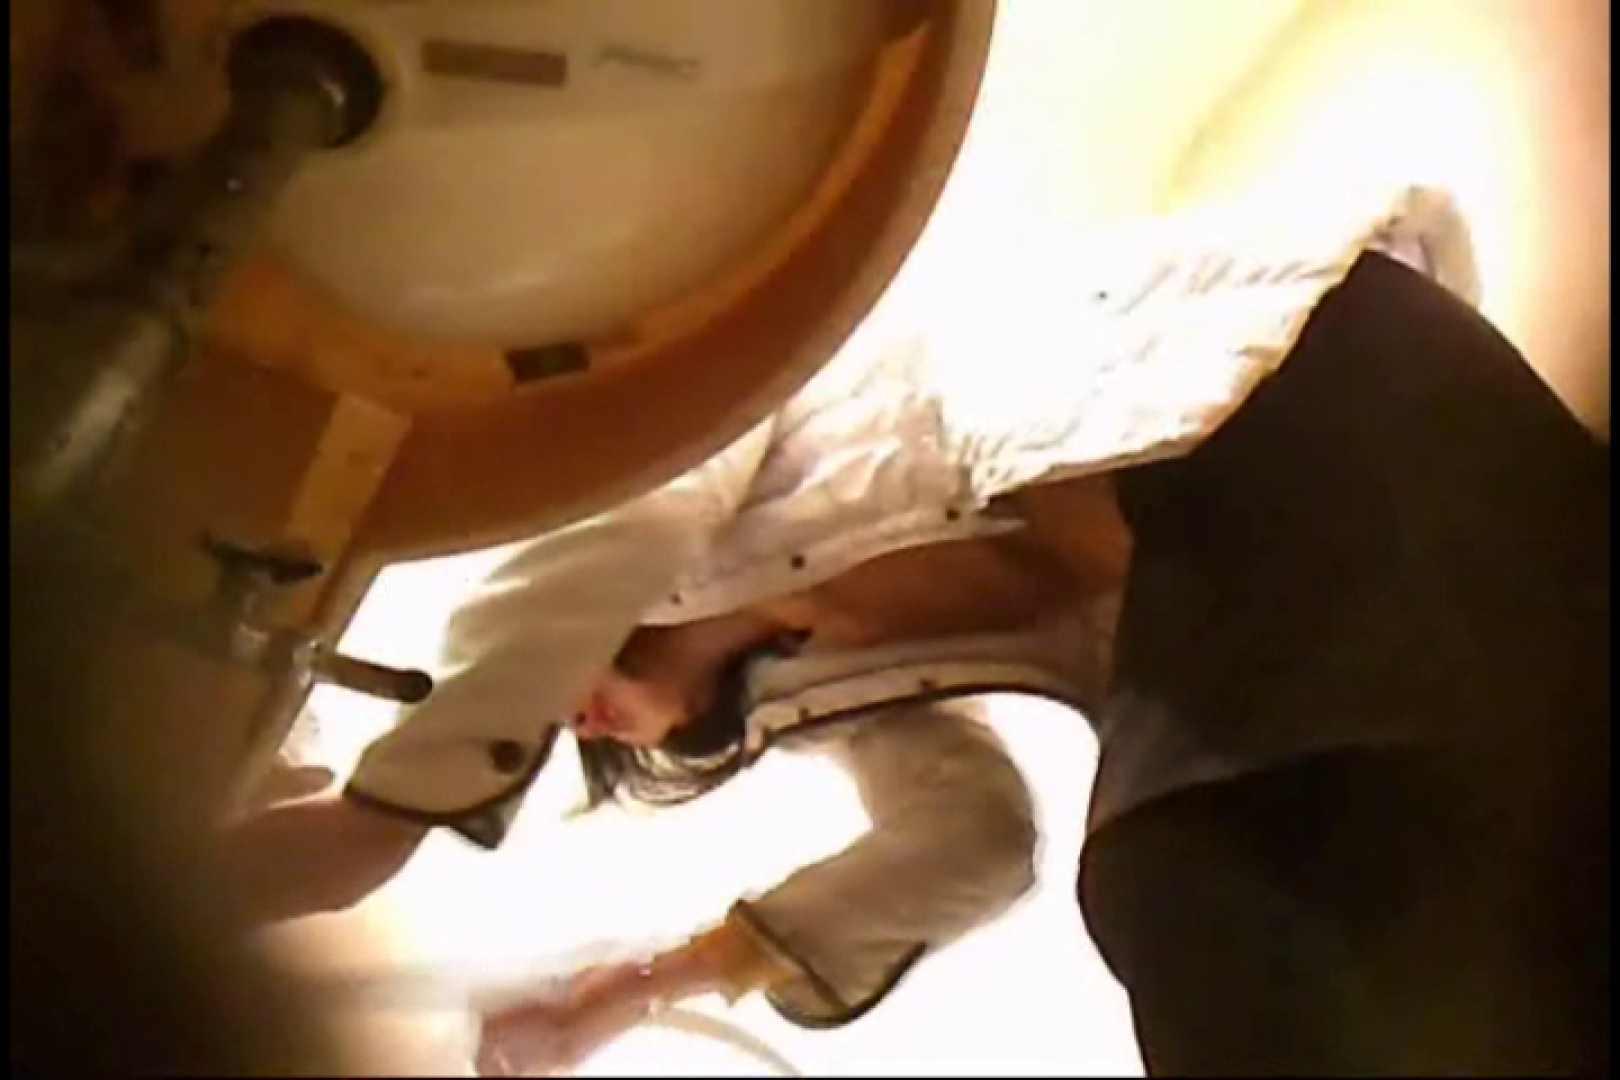 画質向上!新亀さん厠 vol.22 オマンコ 隠し撮りオマンコ動画紹介 10pic 10